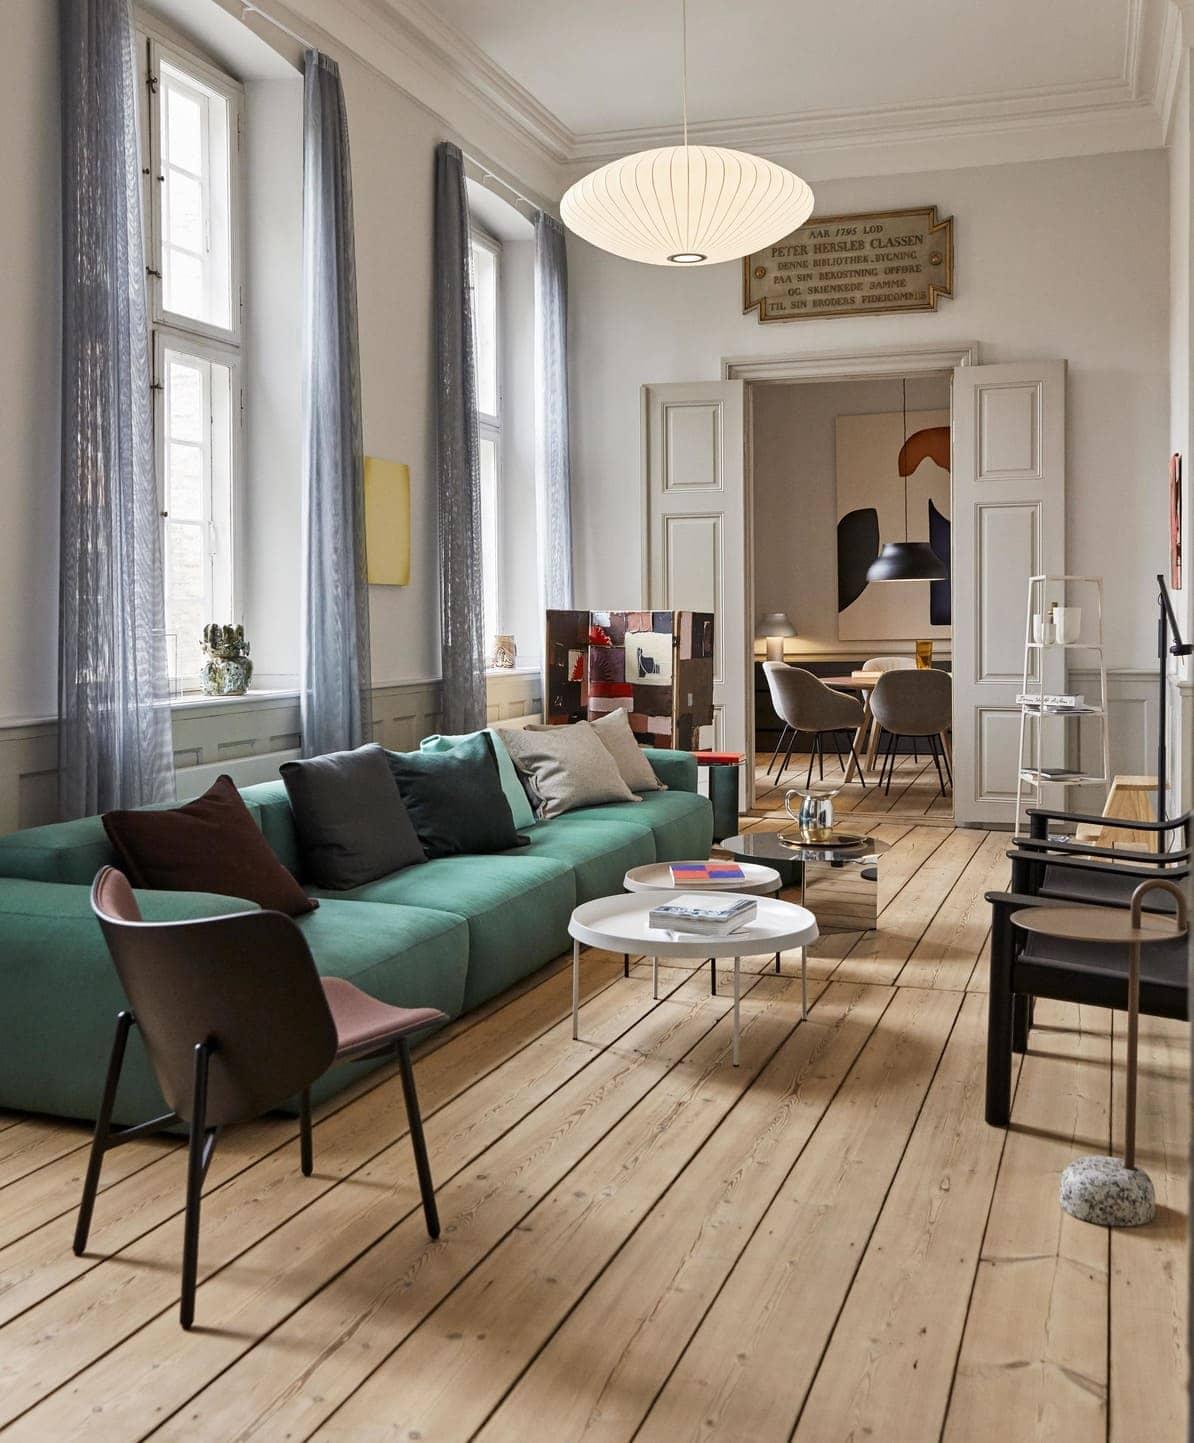 Eine Altbauwohnung mit Holzparkett. Der Blick geht durch das Wohnzimmer mit dem Mags Soft Sofa in Grün von HAY, dem Beistelltisch Slit Hexagon von HAY, dem Beistelltisch Bowler von HAY, auf einen Esstisch mit den HAY Stühlen AAC 27.